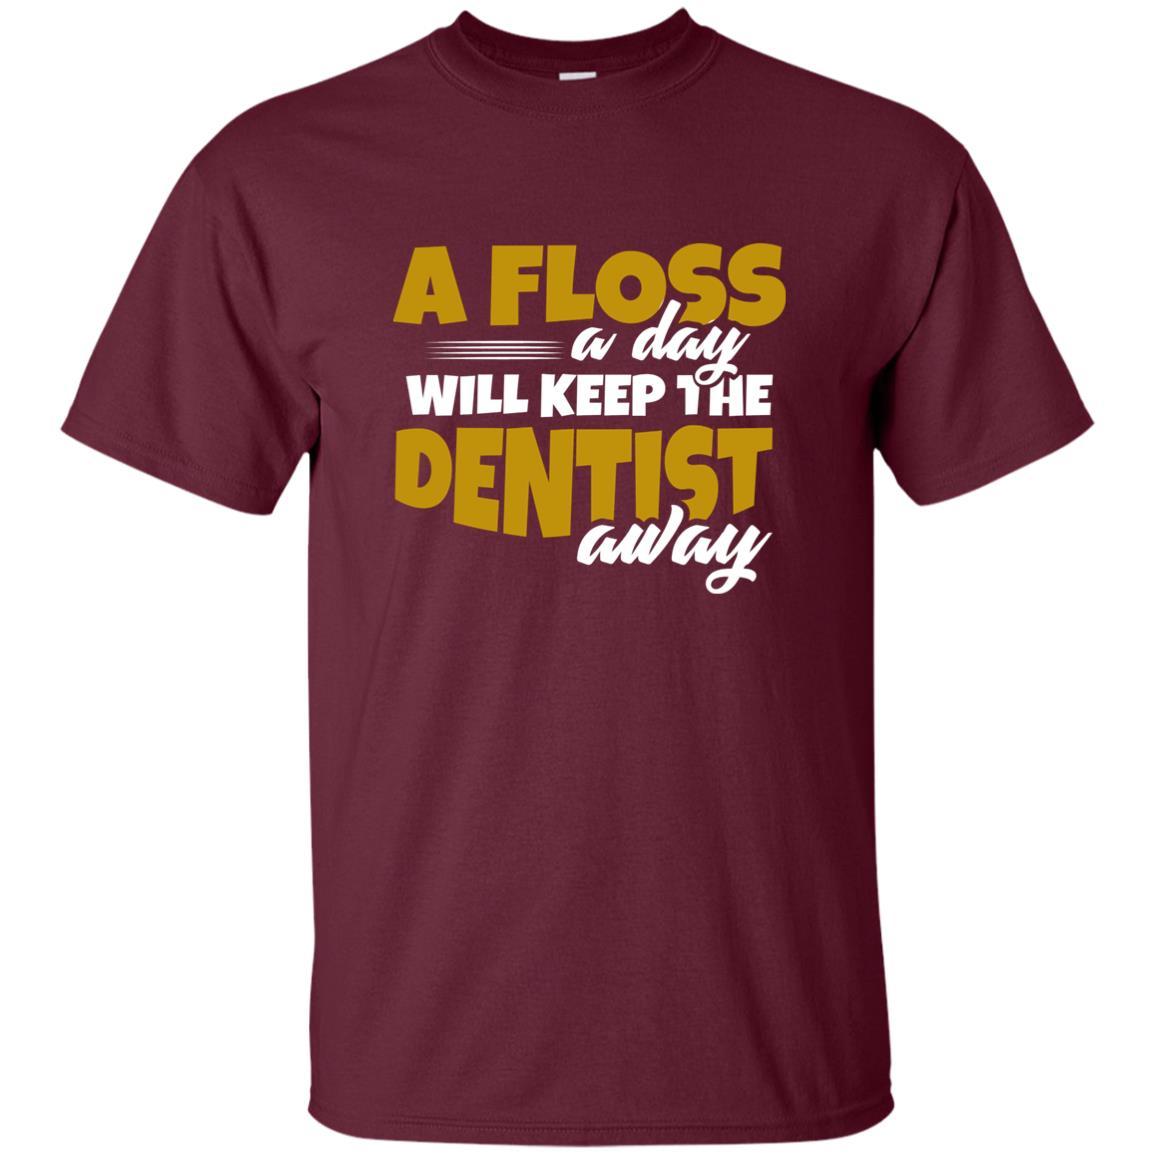 Dentist Funny Gift Unisex Short Sleeve